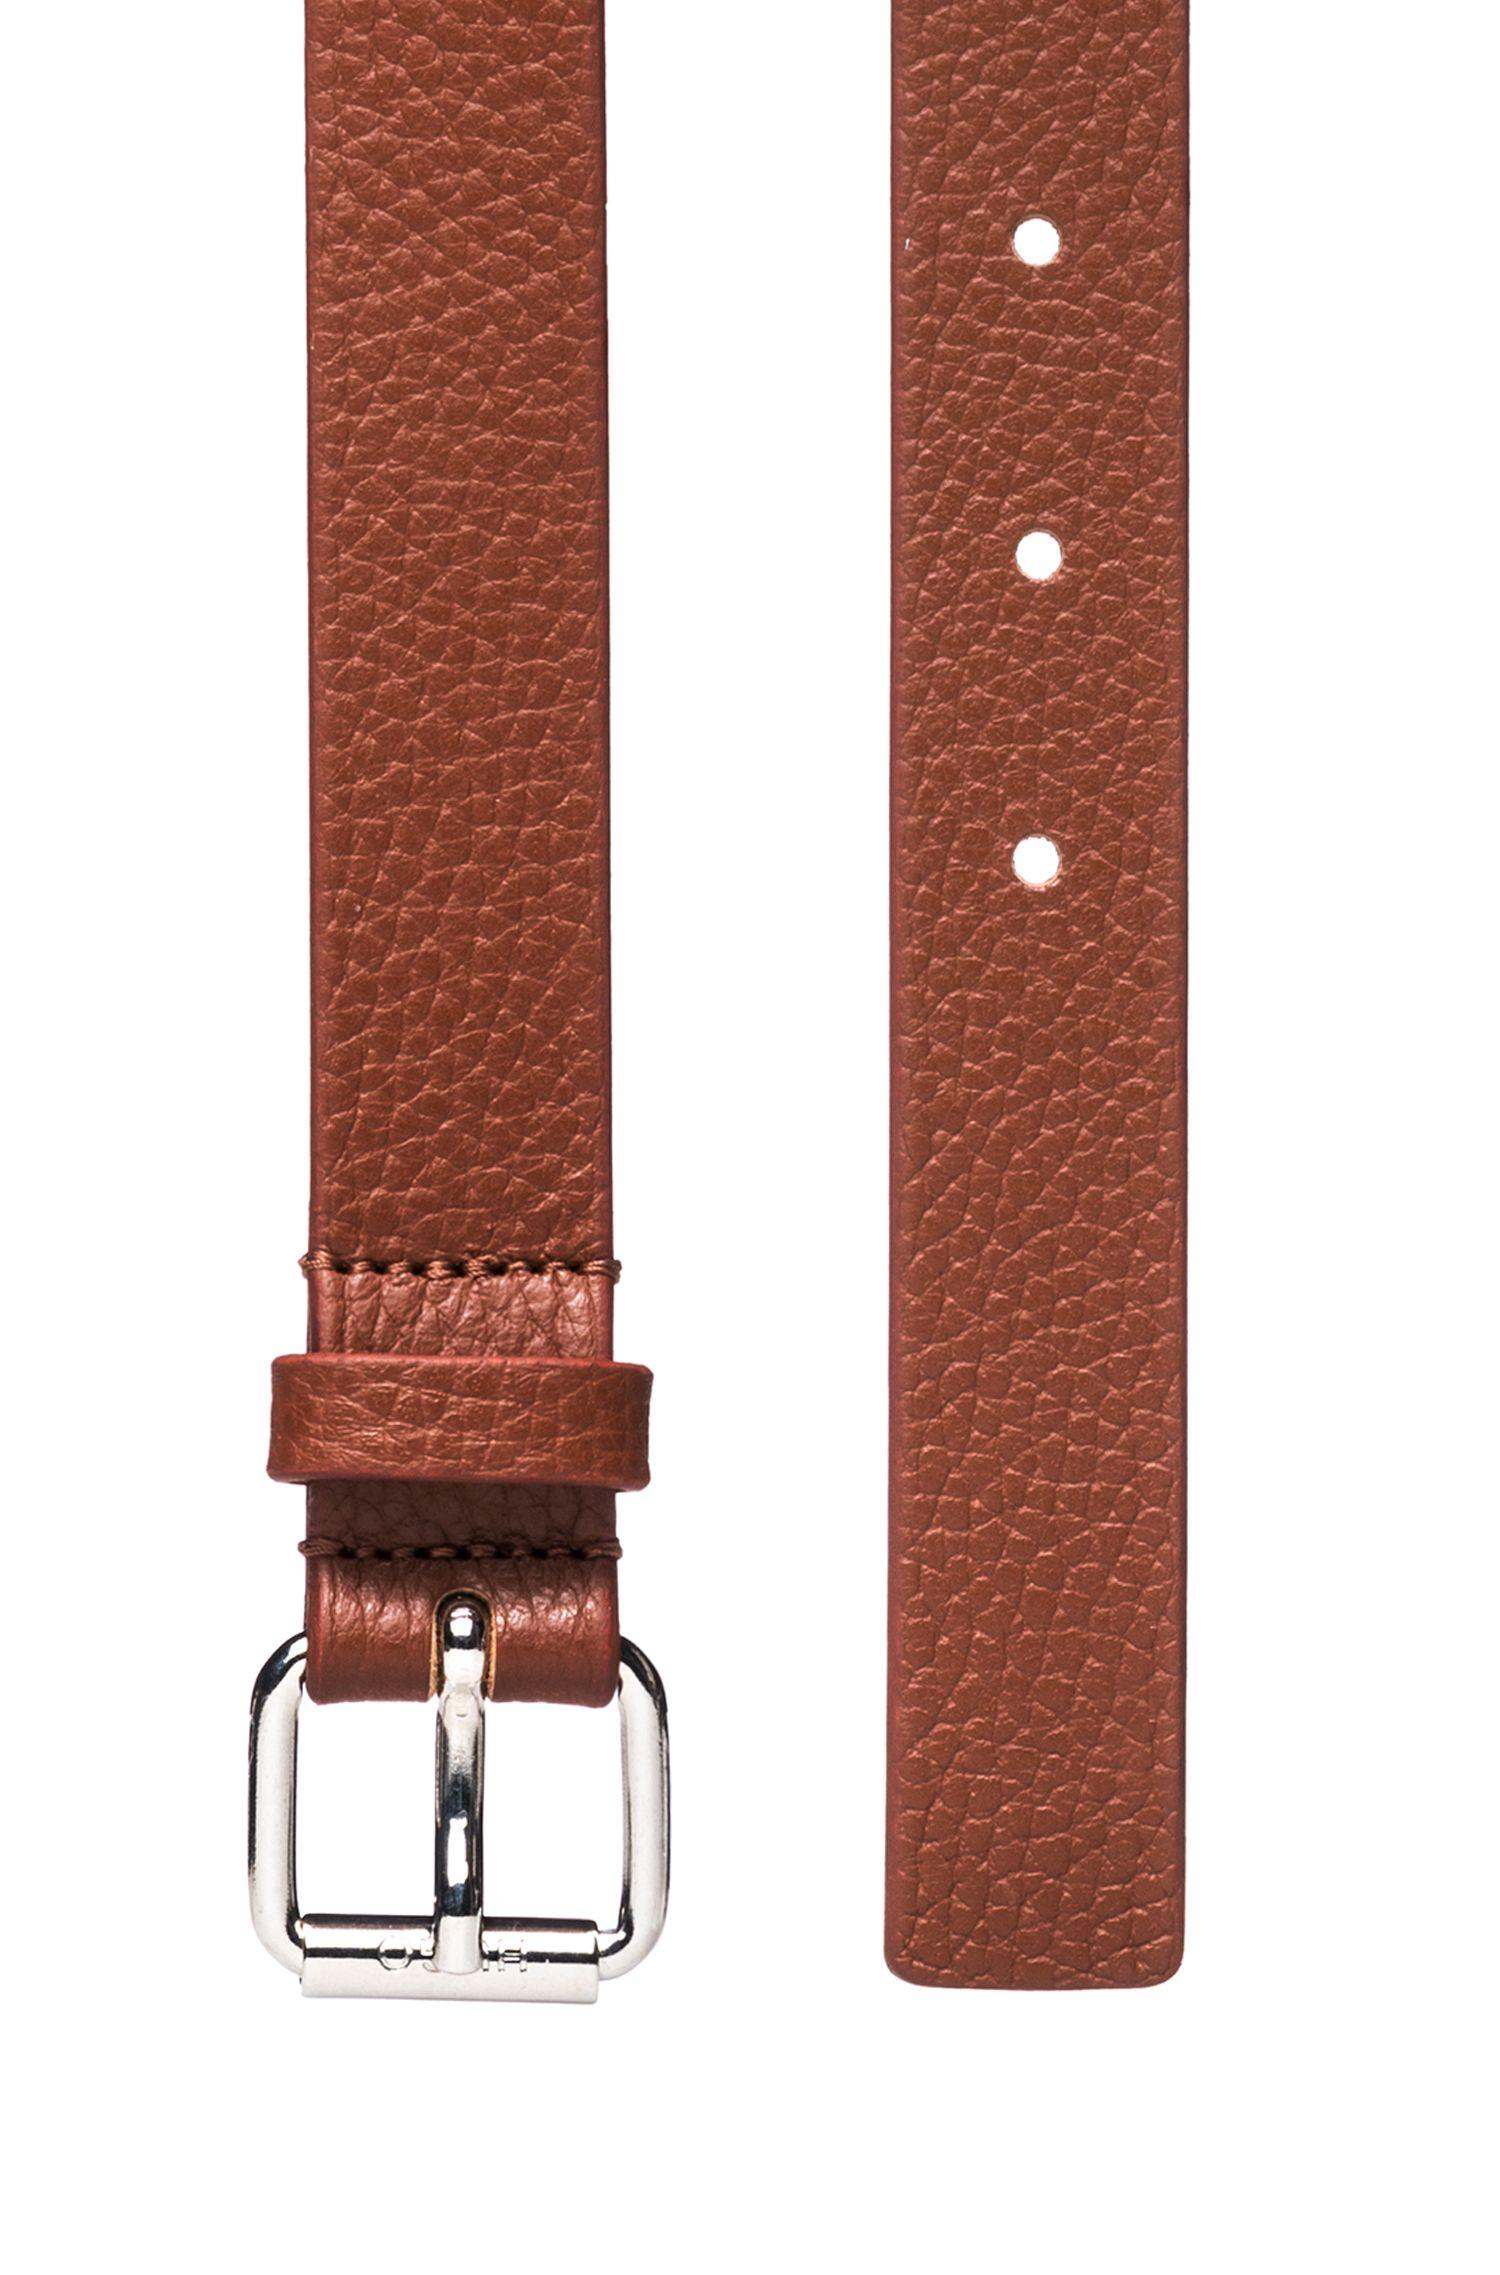 Gürtel aus genarbtem Leder mit polierter Dornschließe